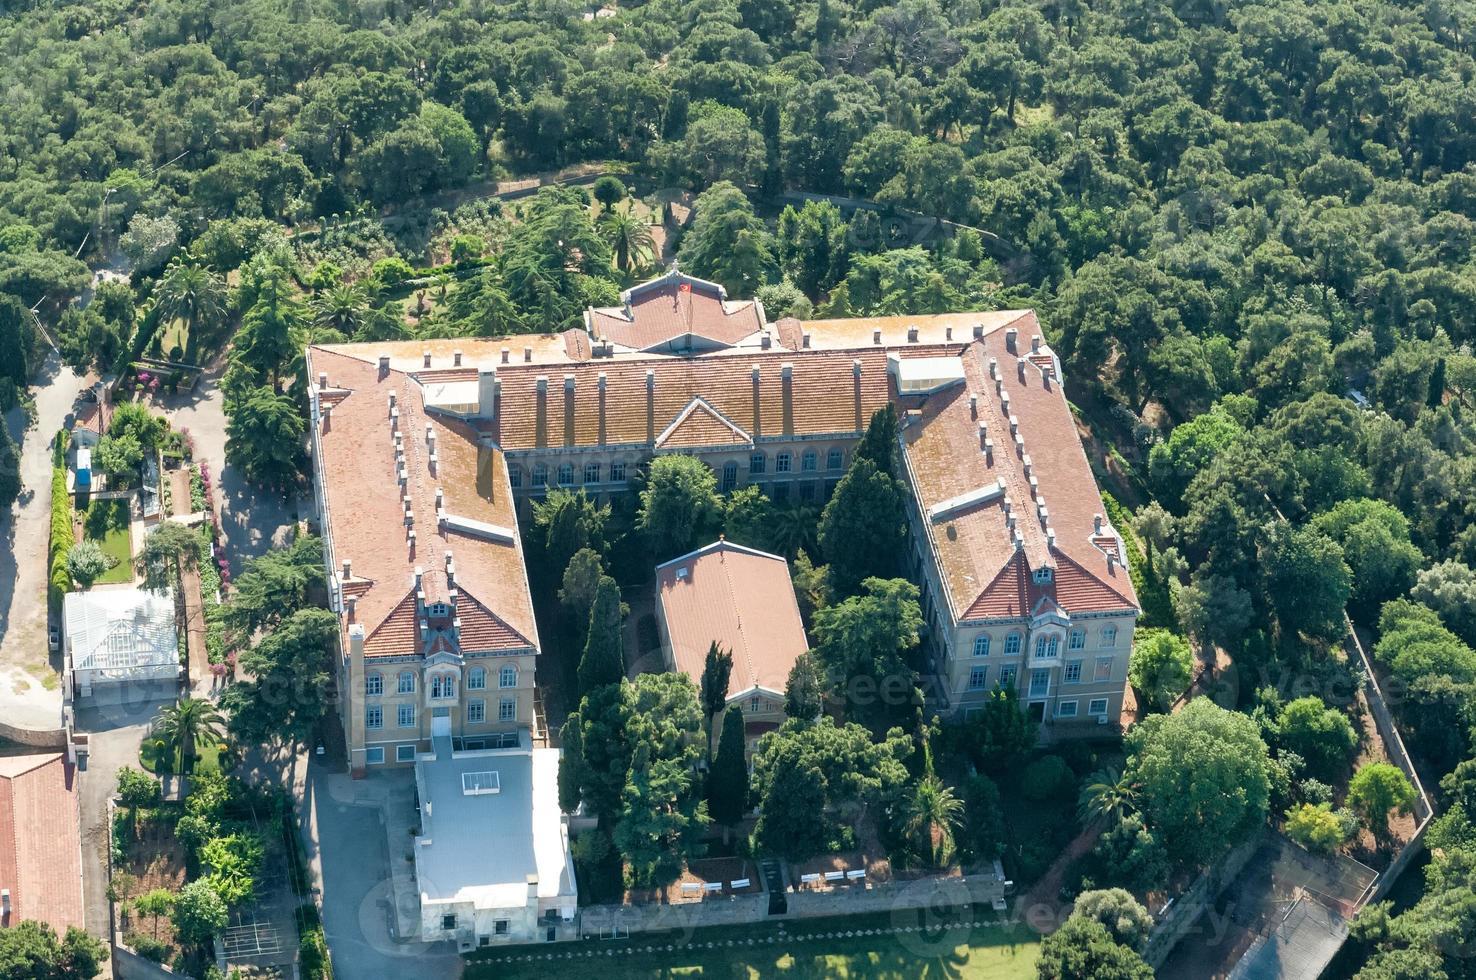 istanbul vue aérienne .école théologique de halki photo